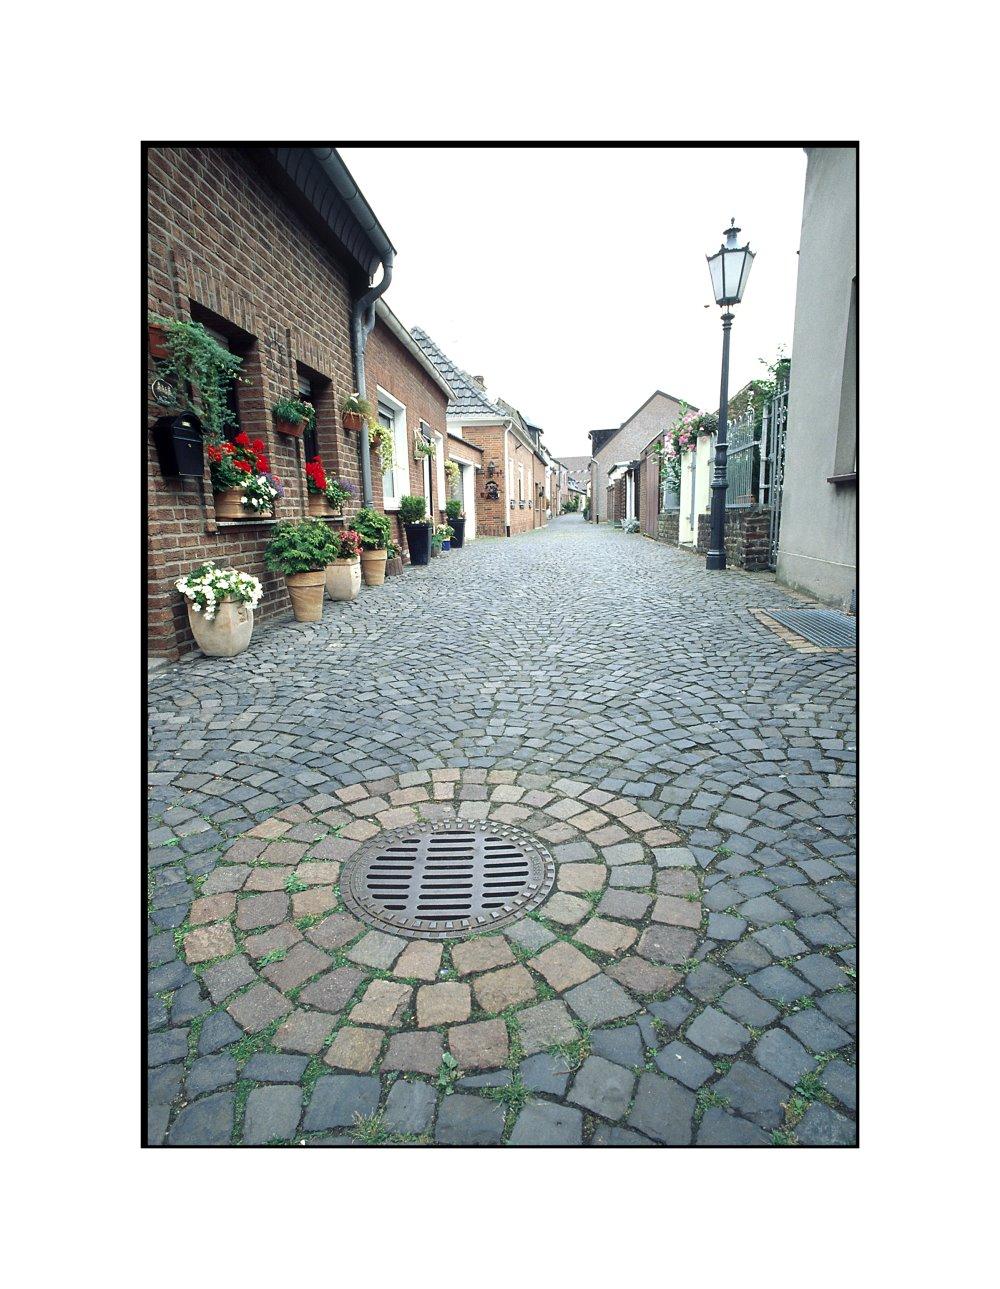 Limmerstraße, Grieth